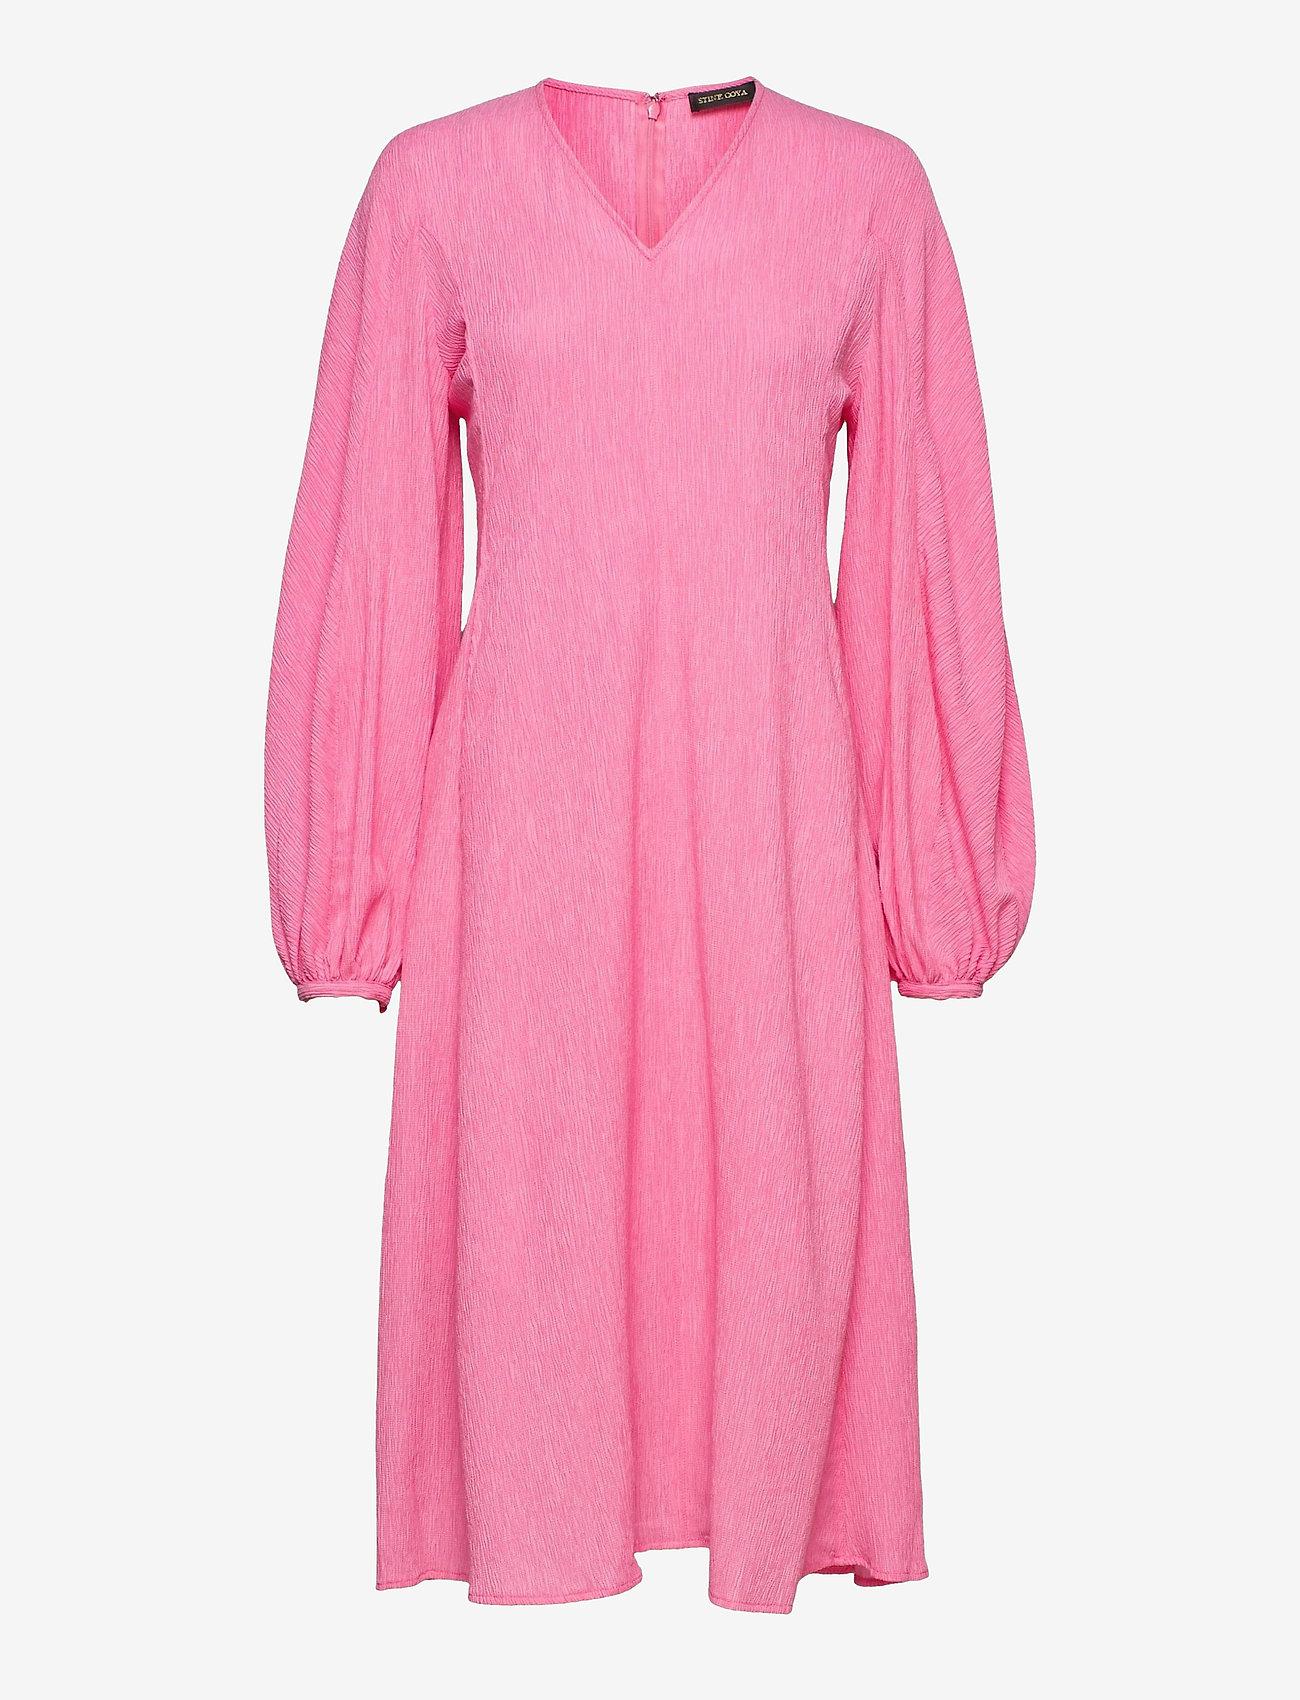 STINE GOYA - Rosen, 1213 Crinkled Tencel - sommerkjoler - pink - 0